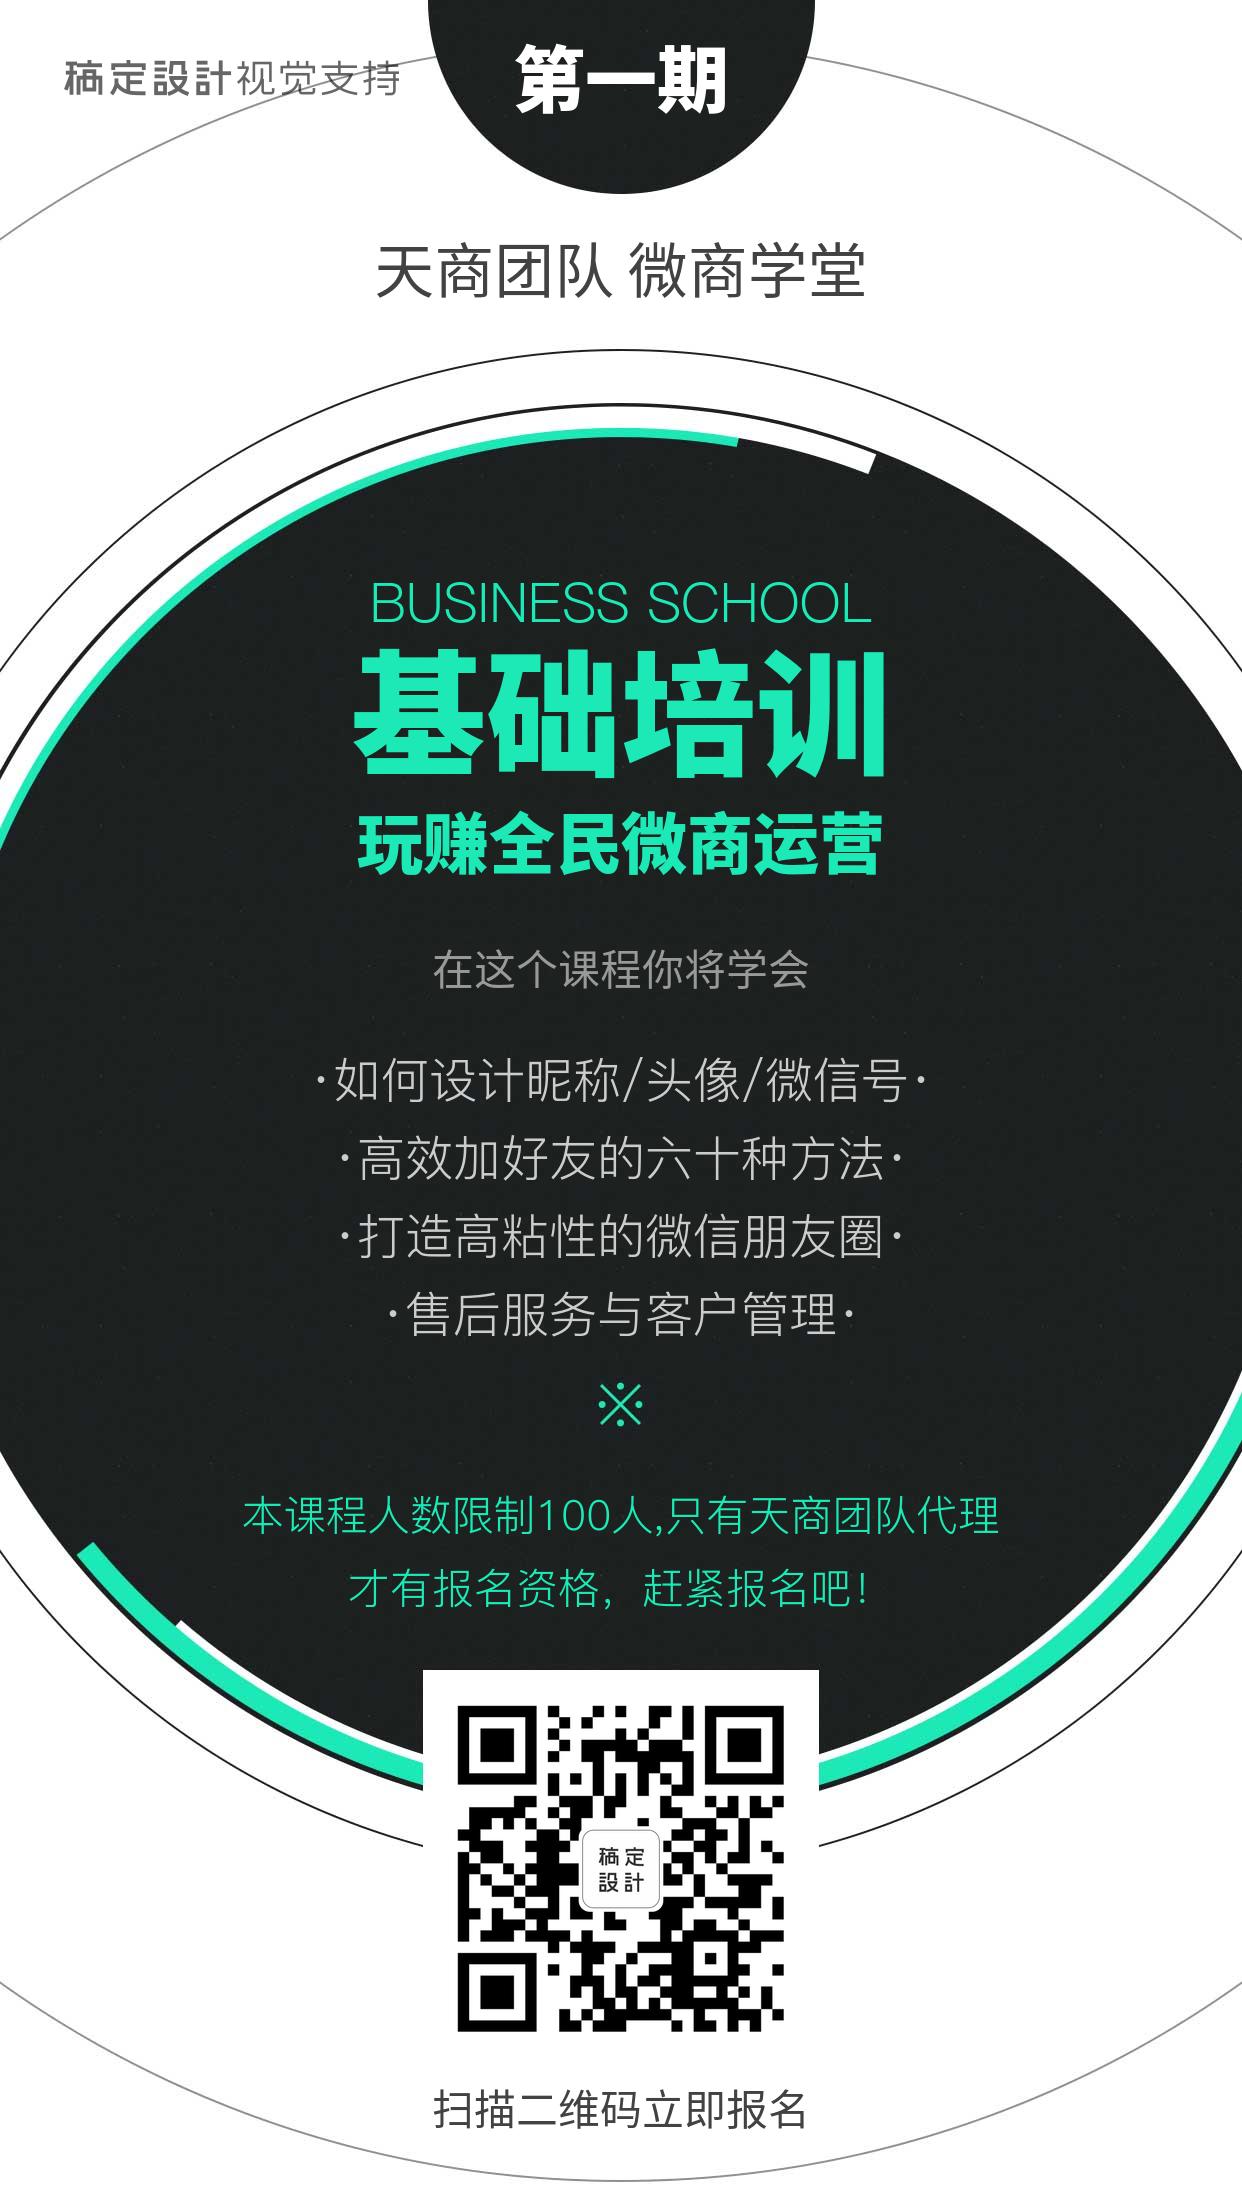 微商运营基础培训课程详情